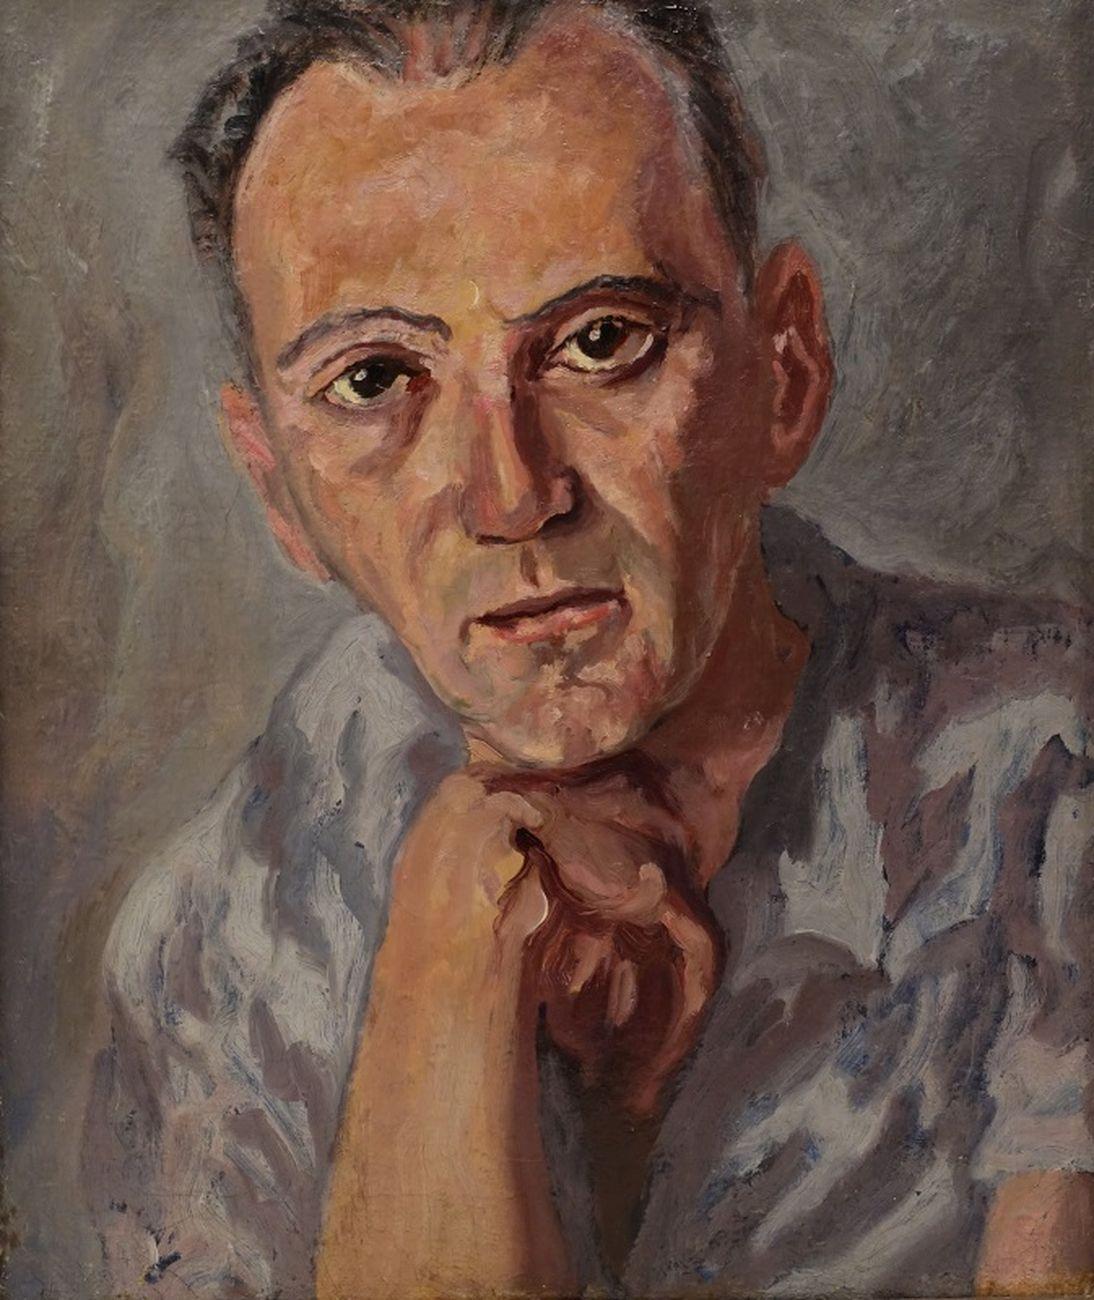 Carlo Levi, Ritratto di Bobi Bazlen, 1941, olio su tela, 46 x38 cm. Roma, Fondazione Carlo Levi